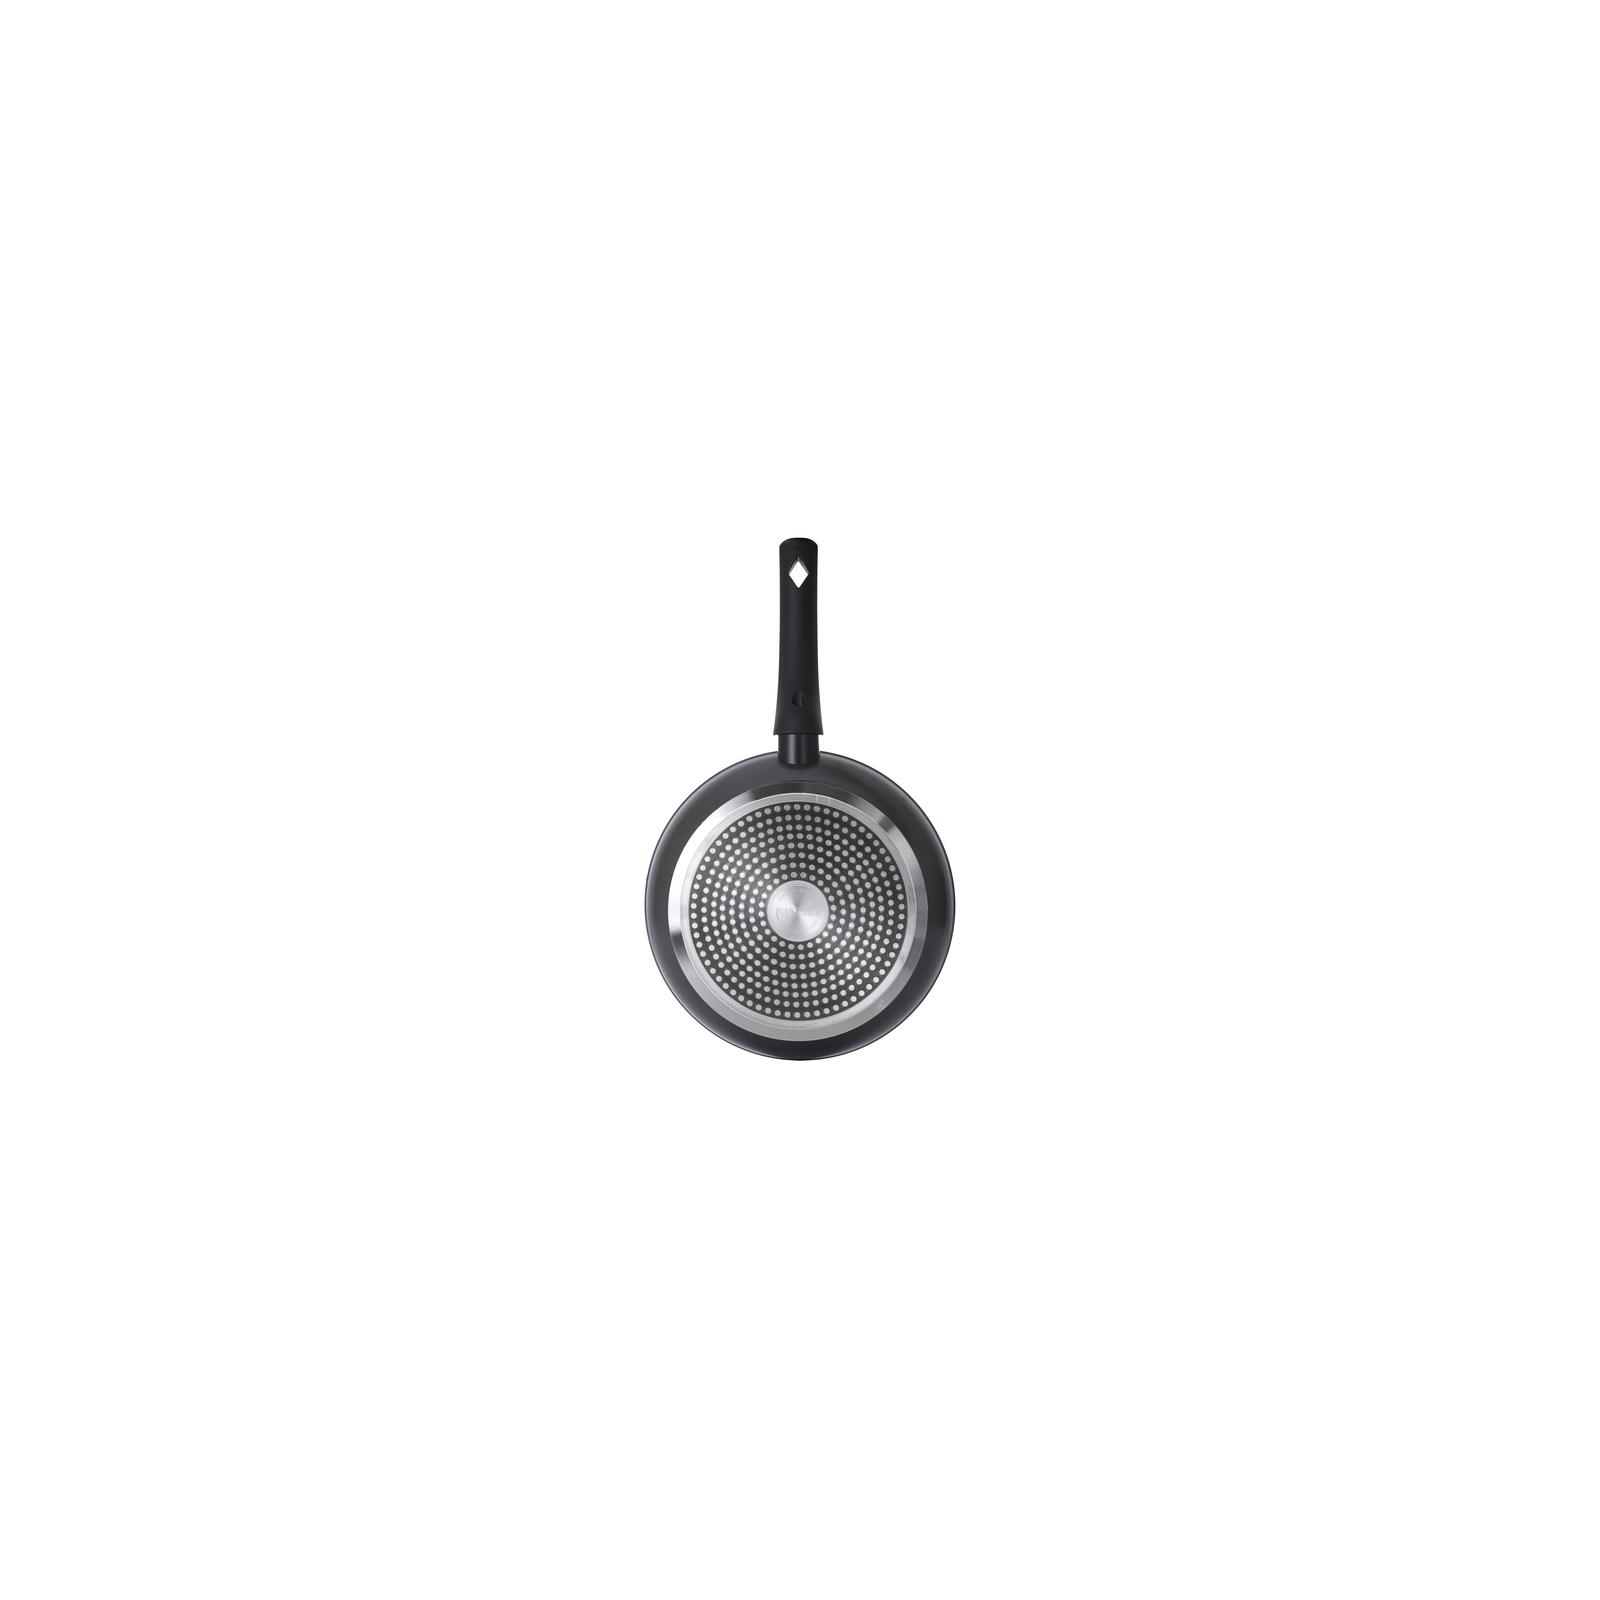 Сковорода Ringel Pepper 26 см (RG-1116-26) изображение 5